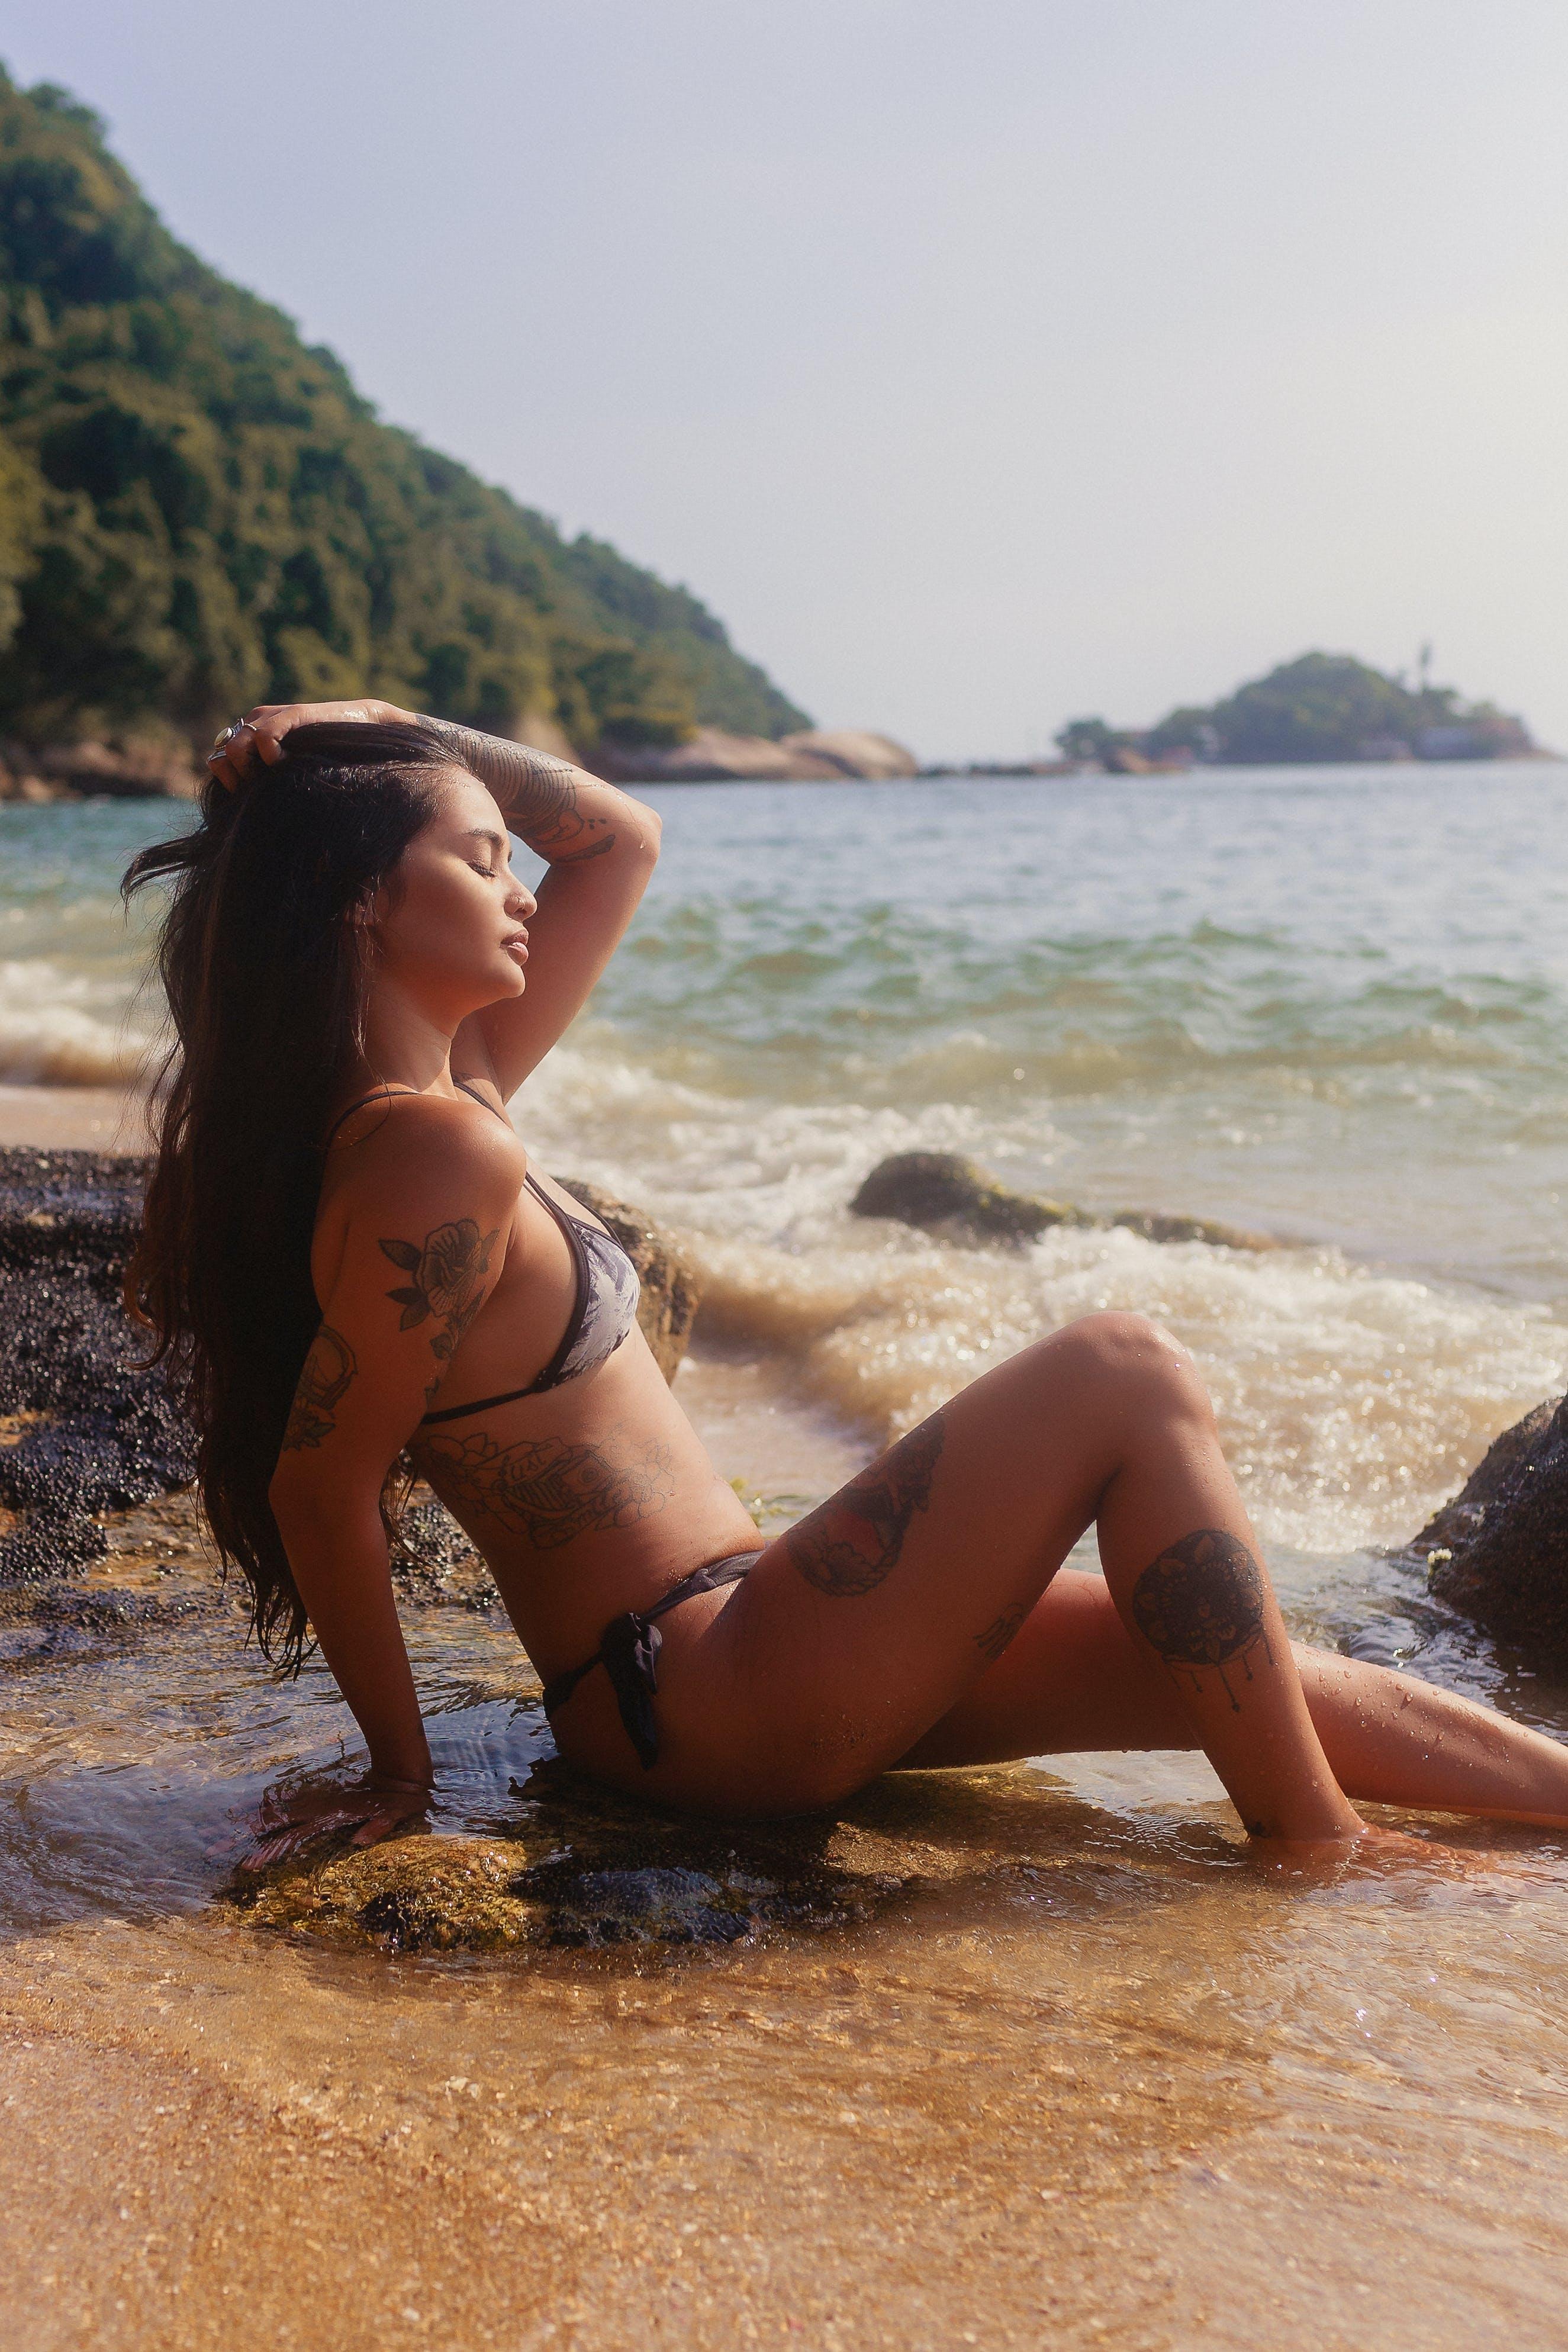 Woman in Bikini Sitting on Shore